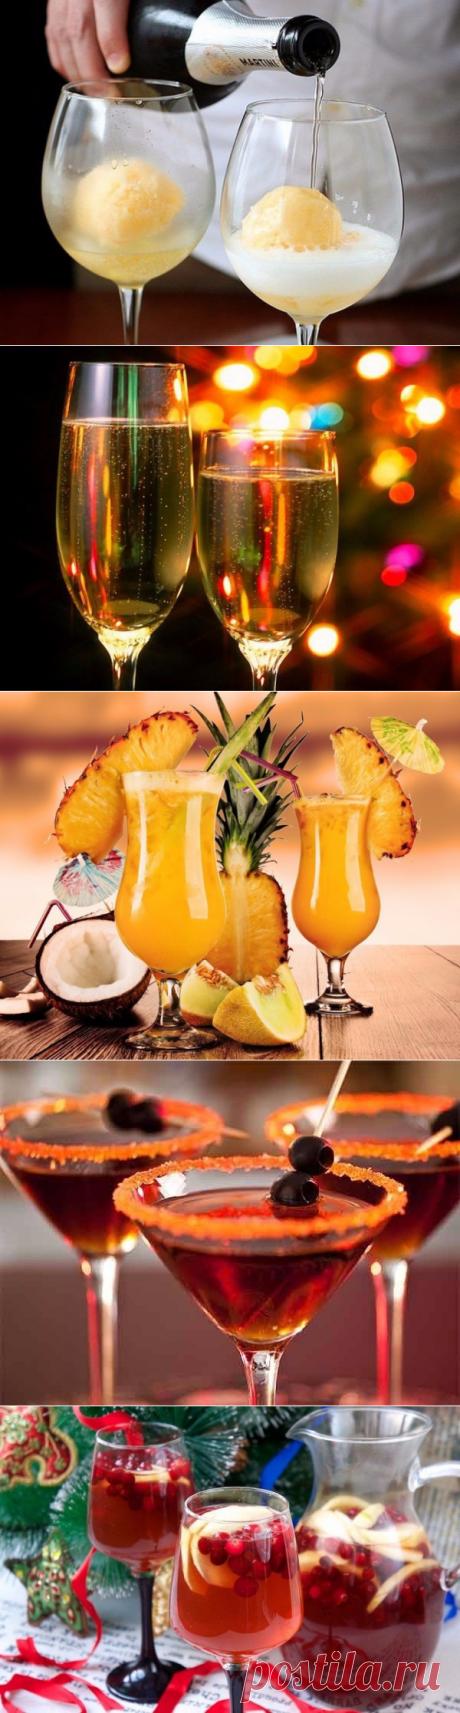 ТОП-5 лучших коктейлей.